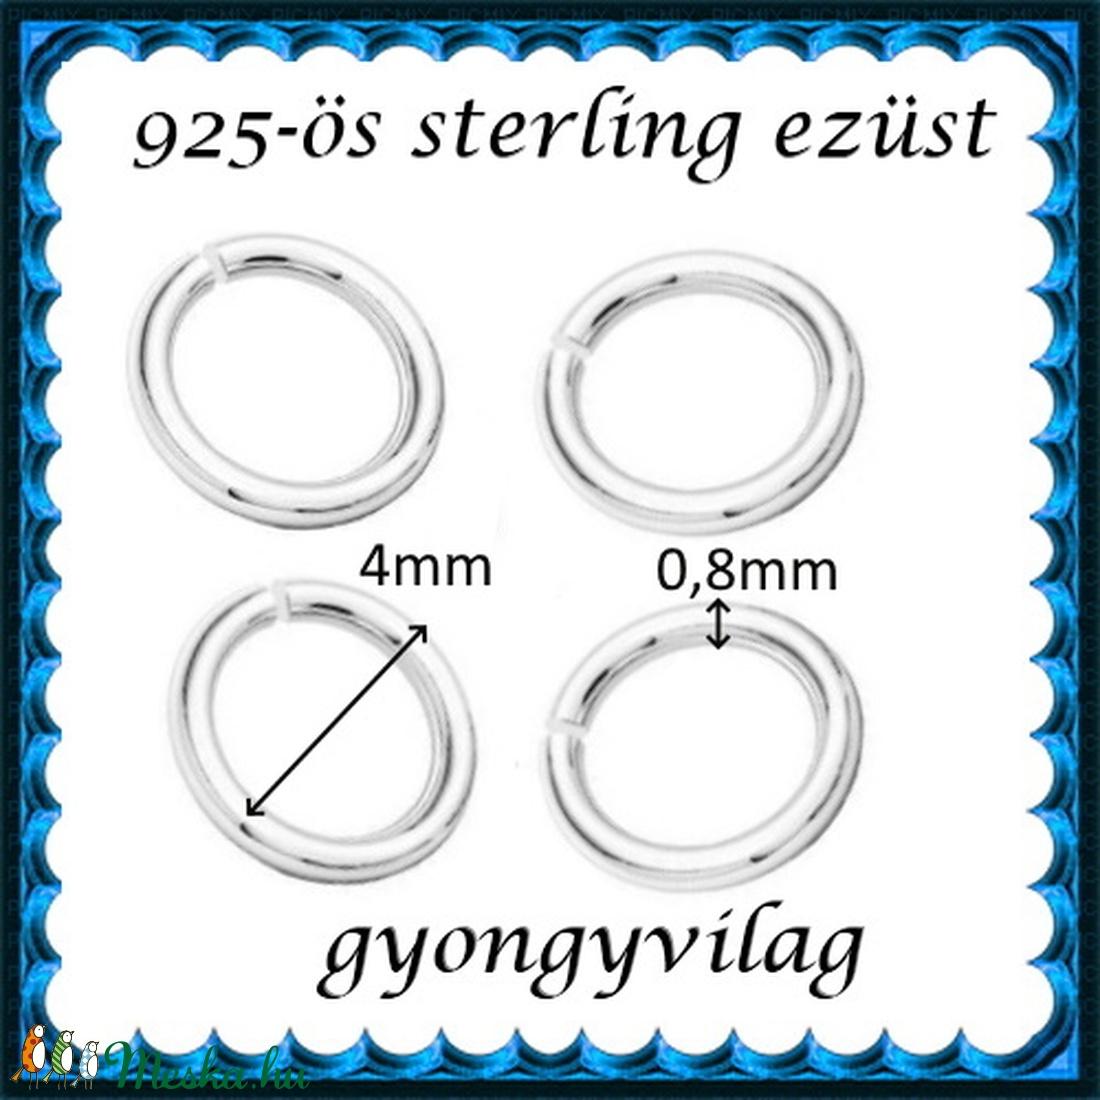 925-ös ezüst szerelőkarika nyitott ESZK NY 4x0,8 mm-es  4db/ csomag - gyöngy, ékszerkellék - egyéb alkatrész - Meska.hu